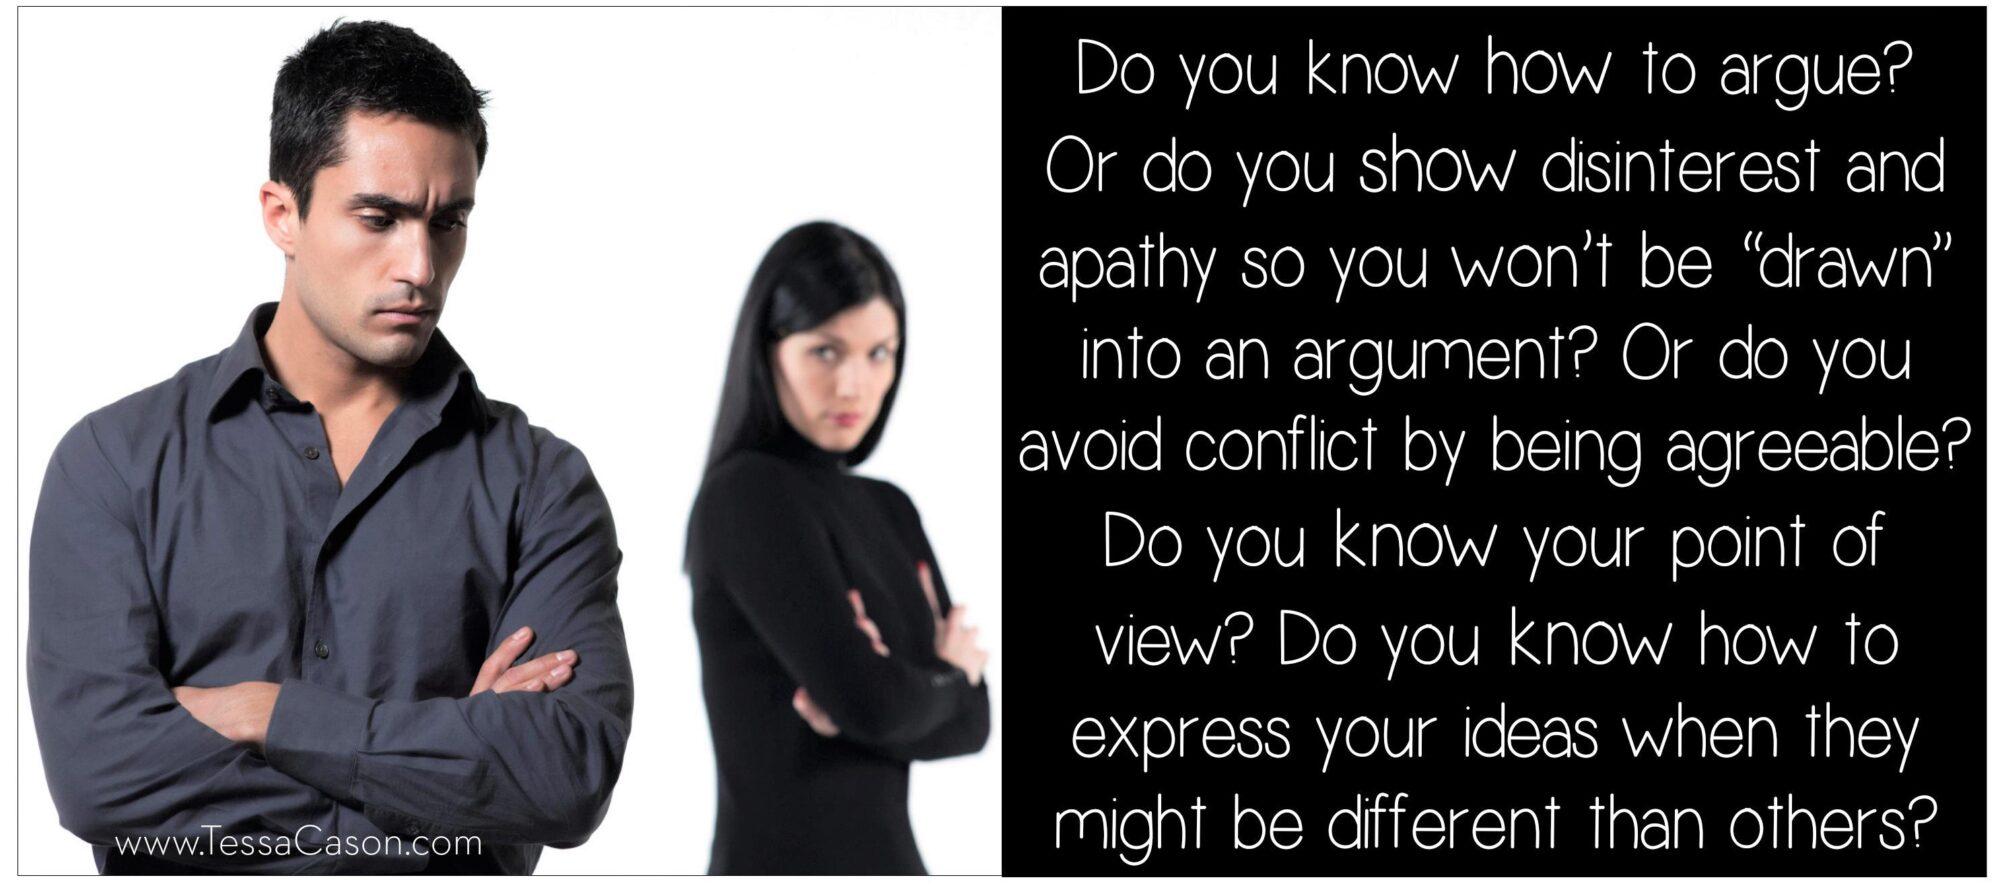 Do you know how to argue